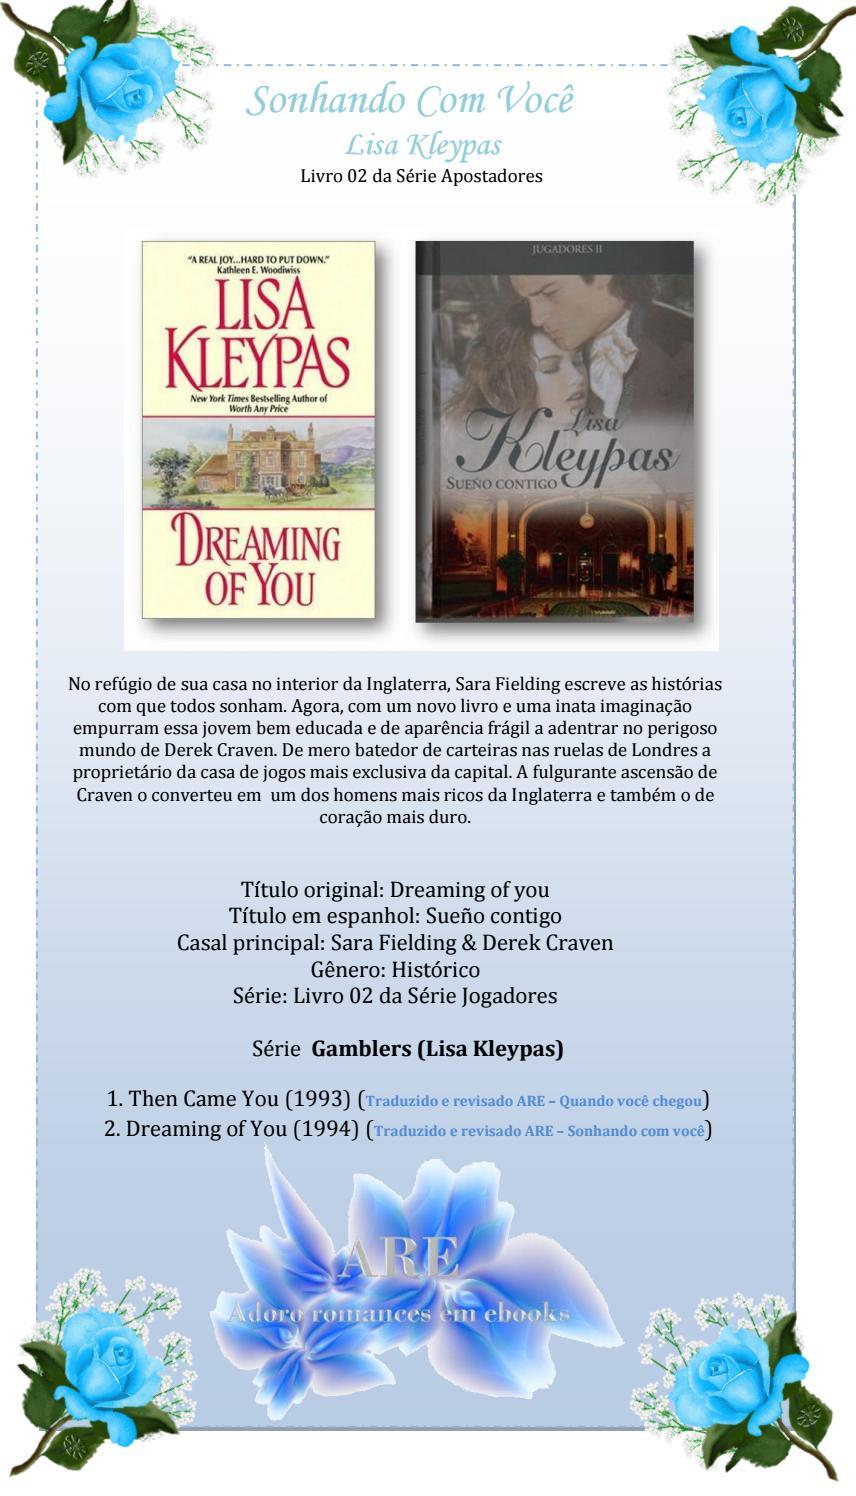 52704b902 Sonhando com Você - Série Apostadores - Livro 2 - Lisa Kleypas by Nina  Bueno Lahóz Moya - issuu